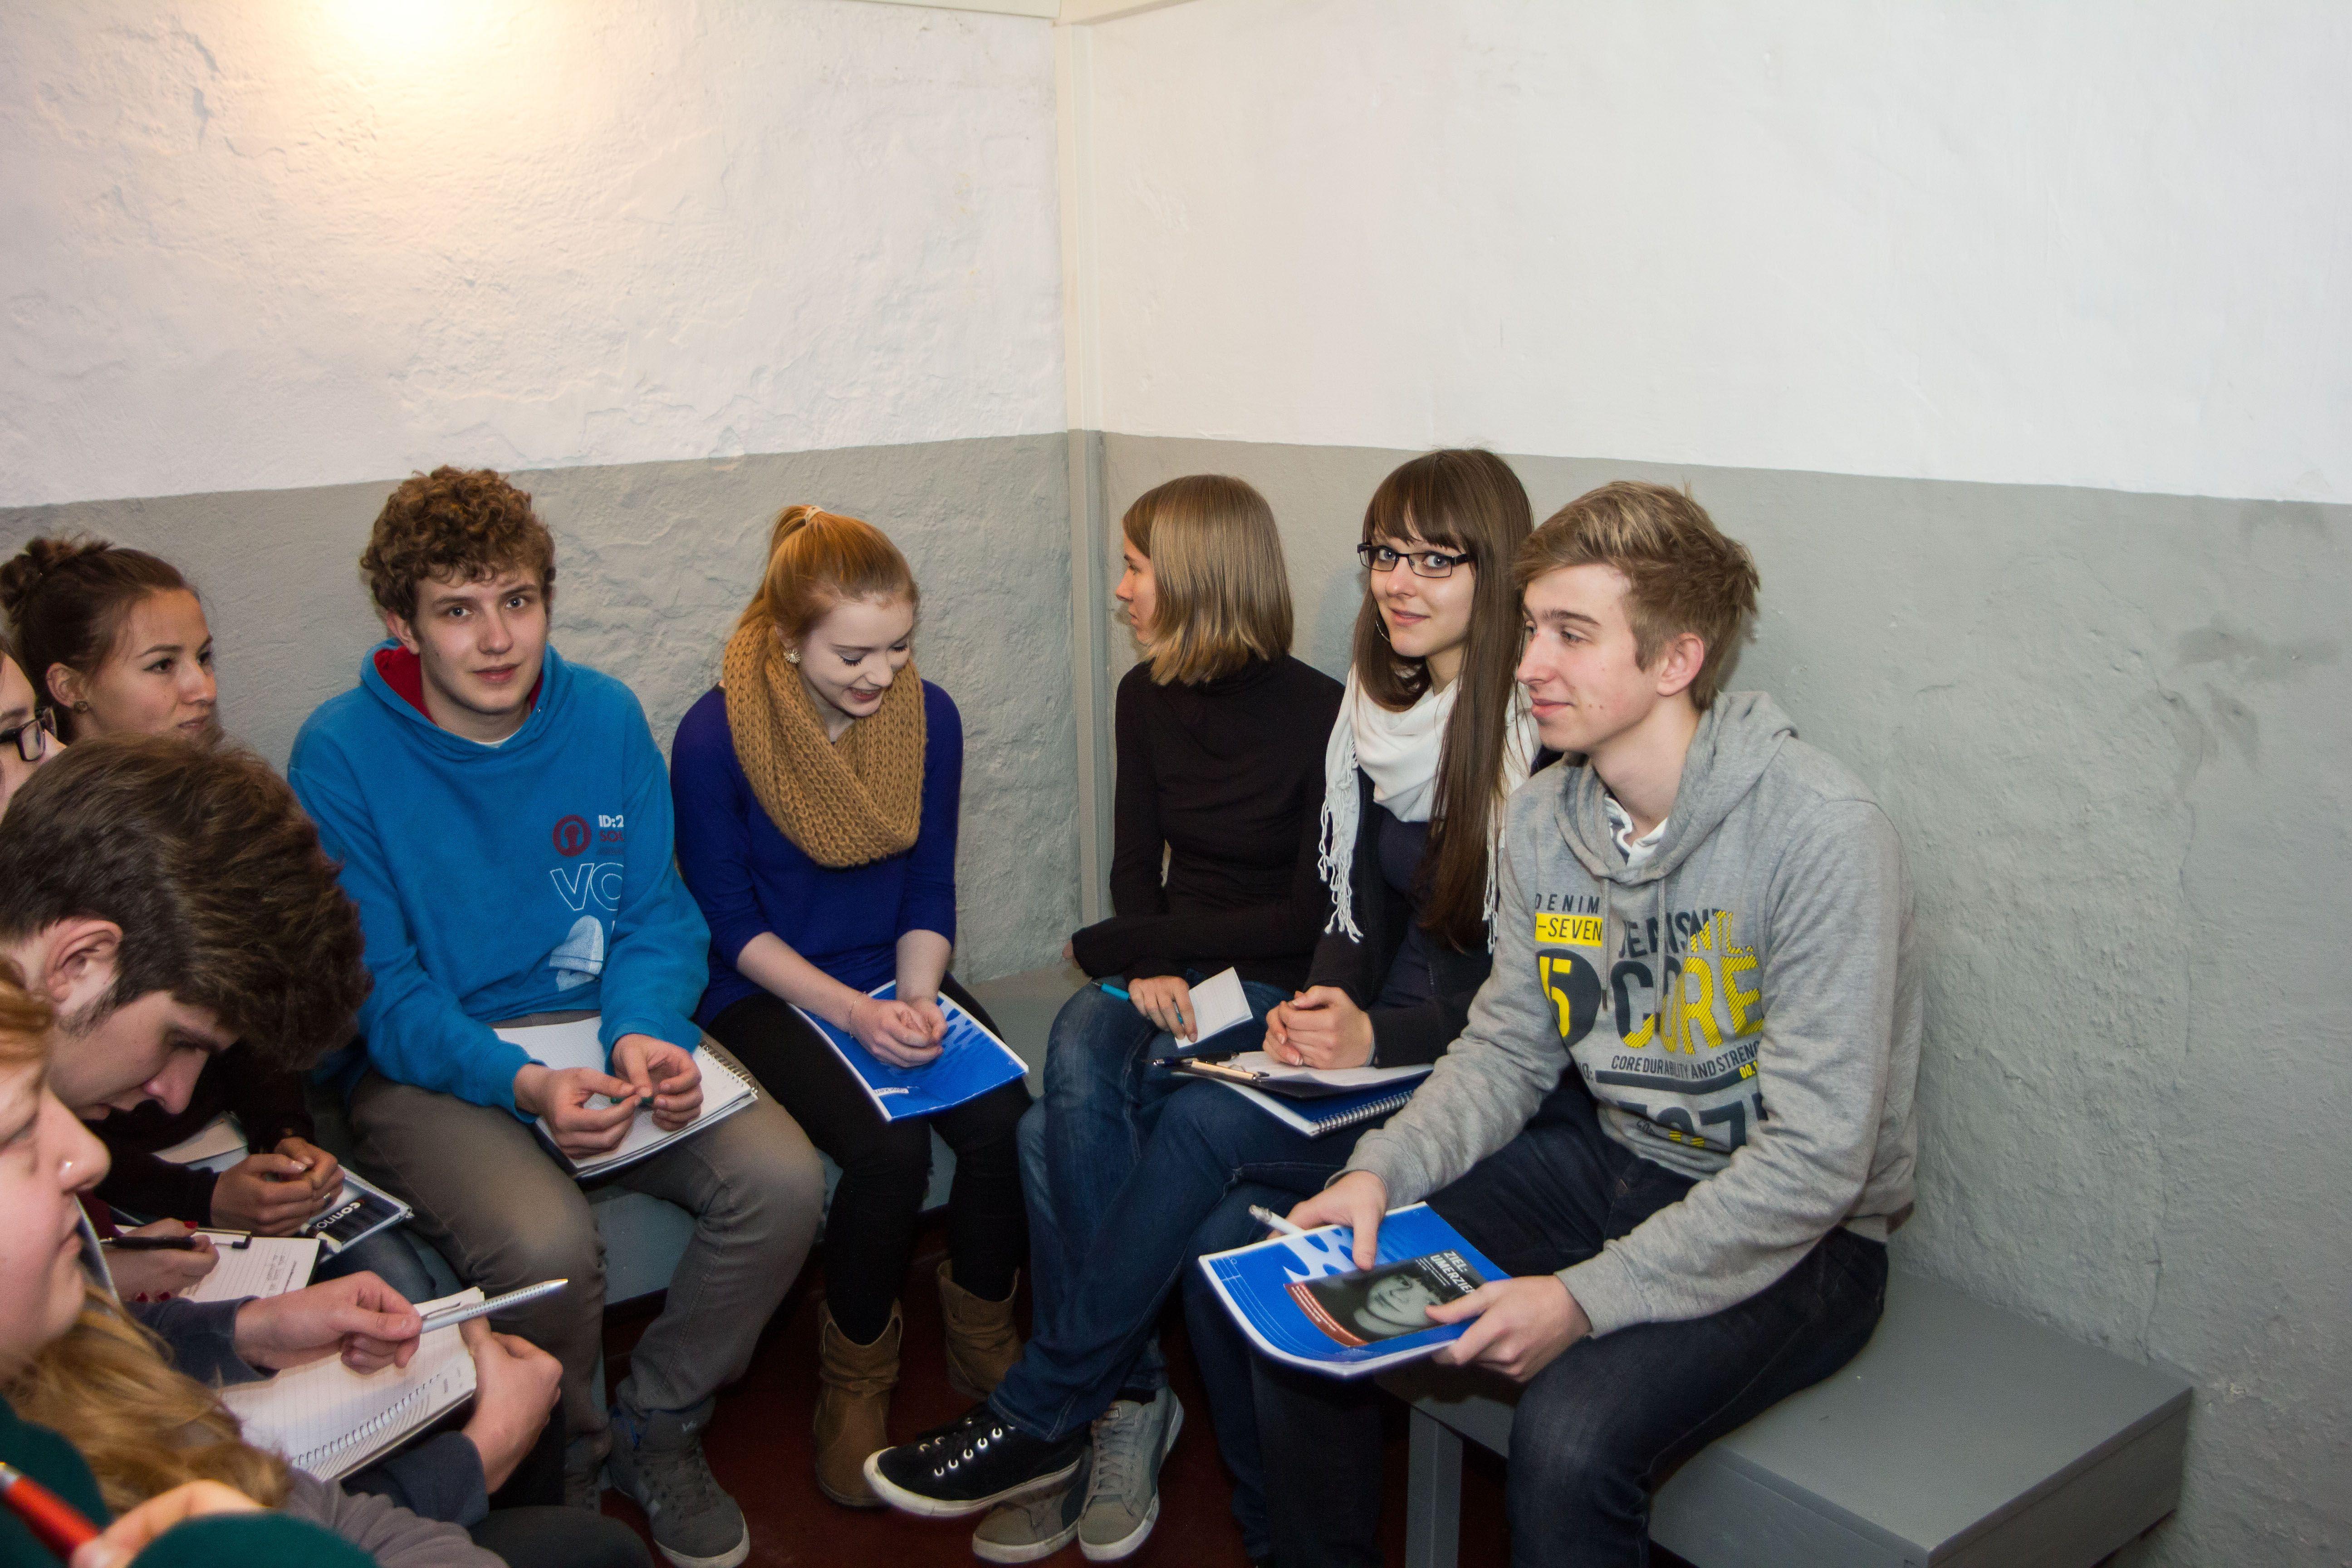 Schüler der 13. Klasse scheuten auch den Gang in die Einzelzelle des Geschlossenen Jugendwerkhofes nicht, um dort zu arbeiten.